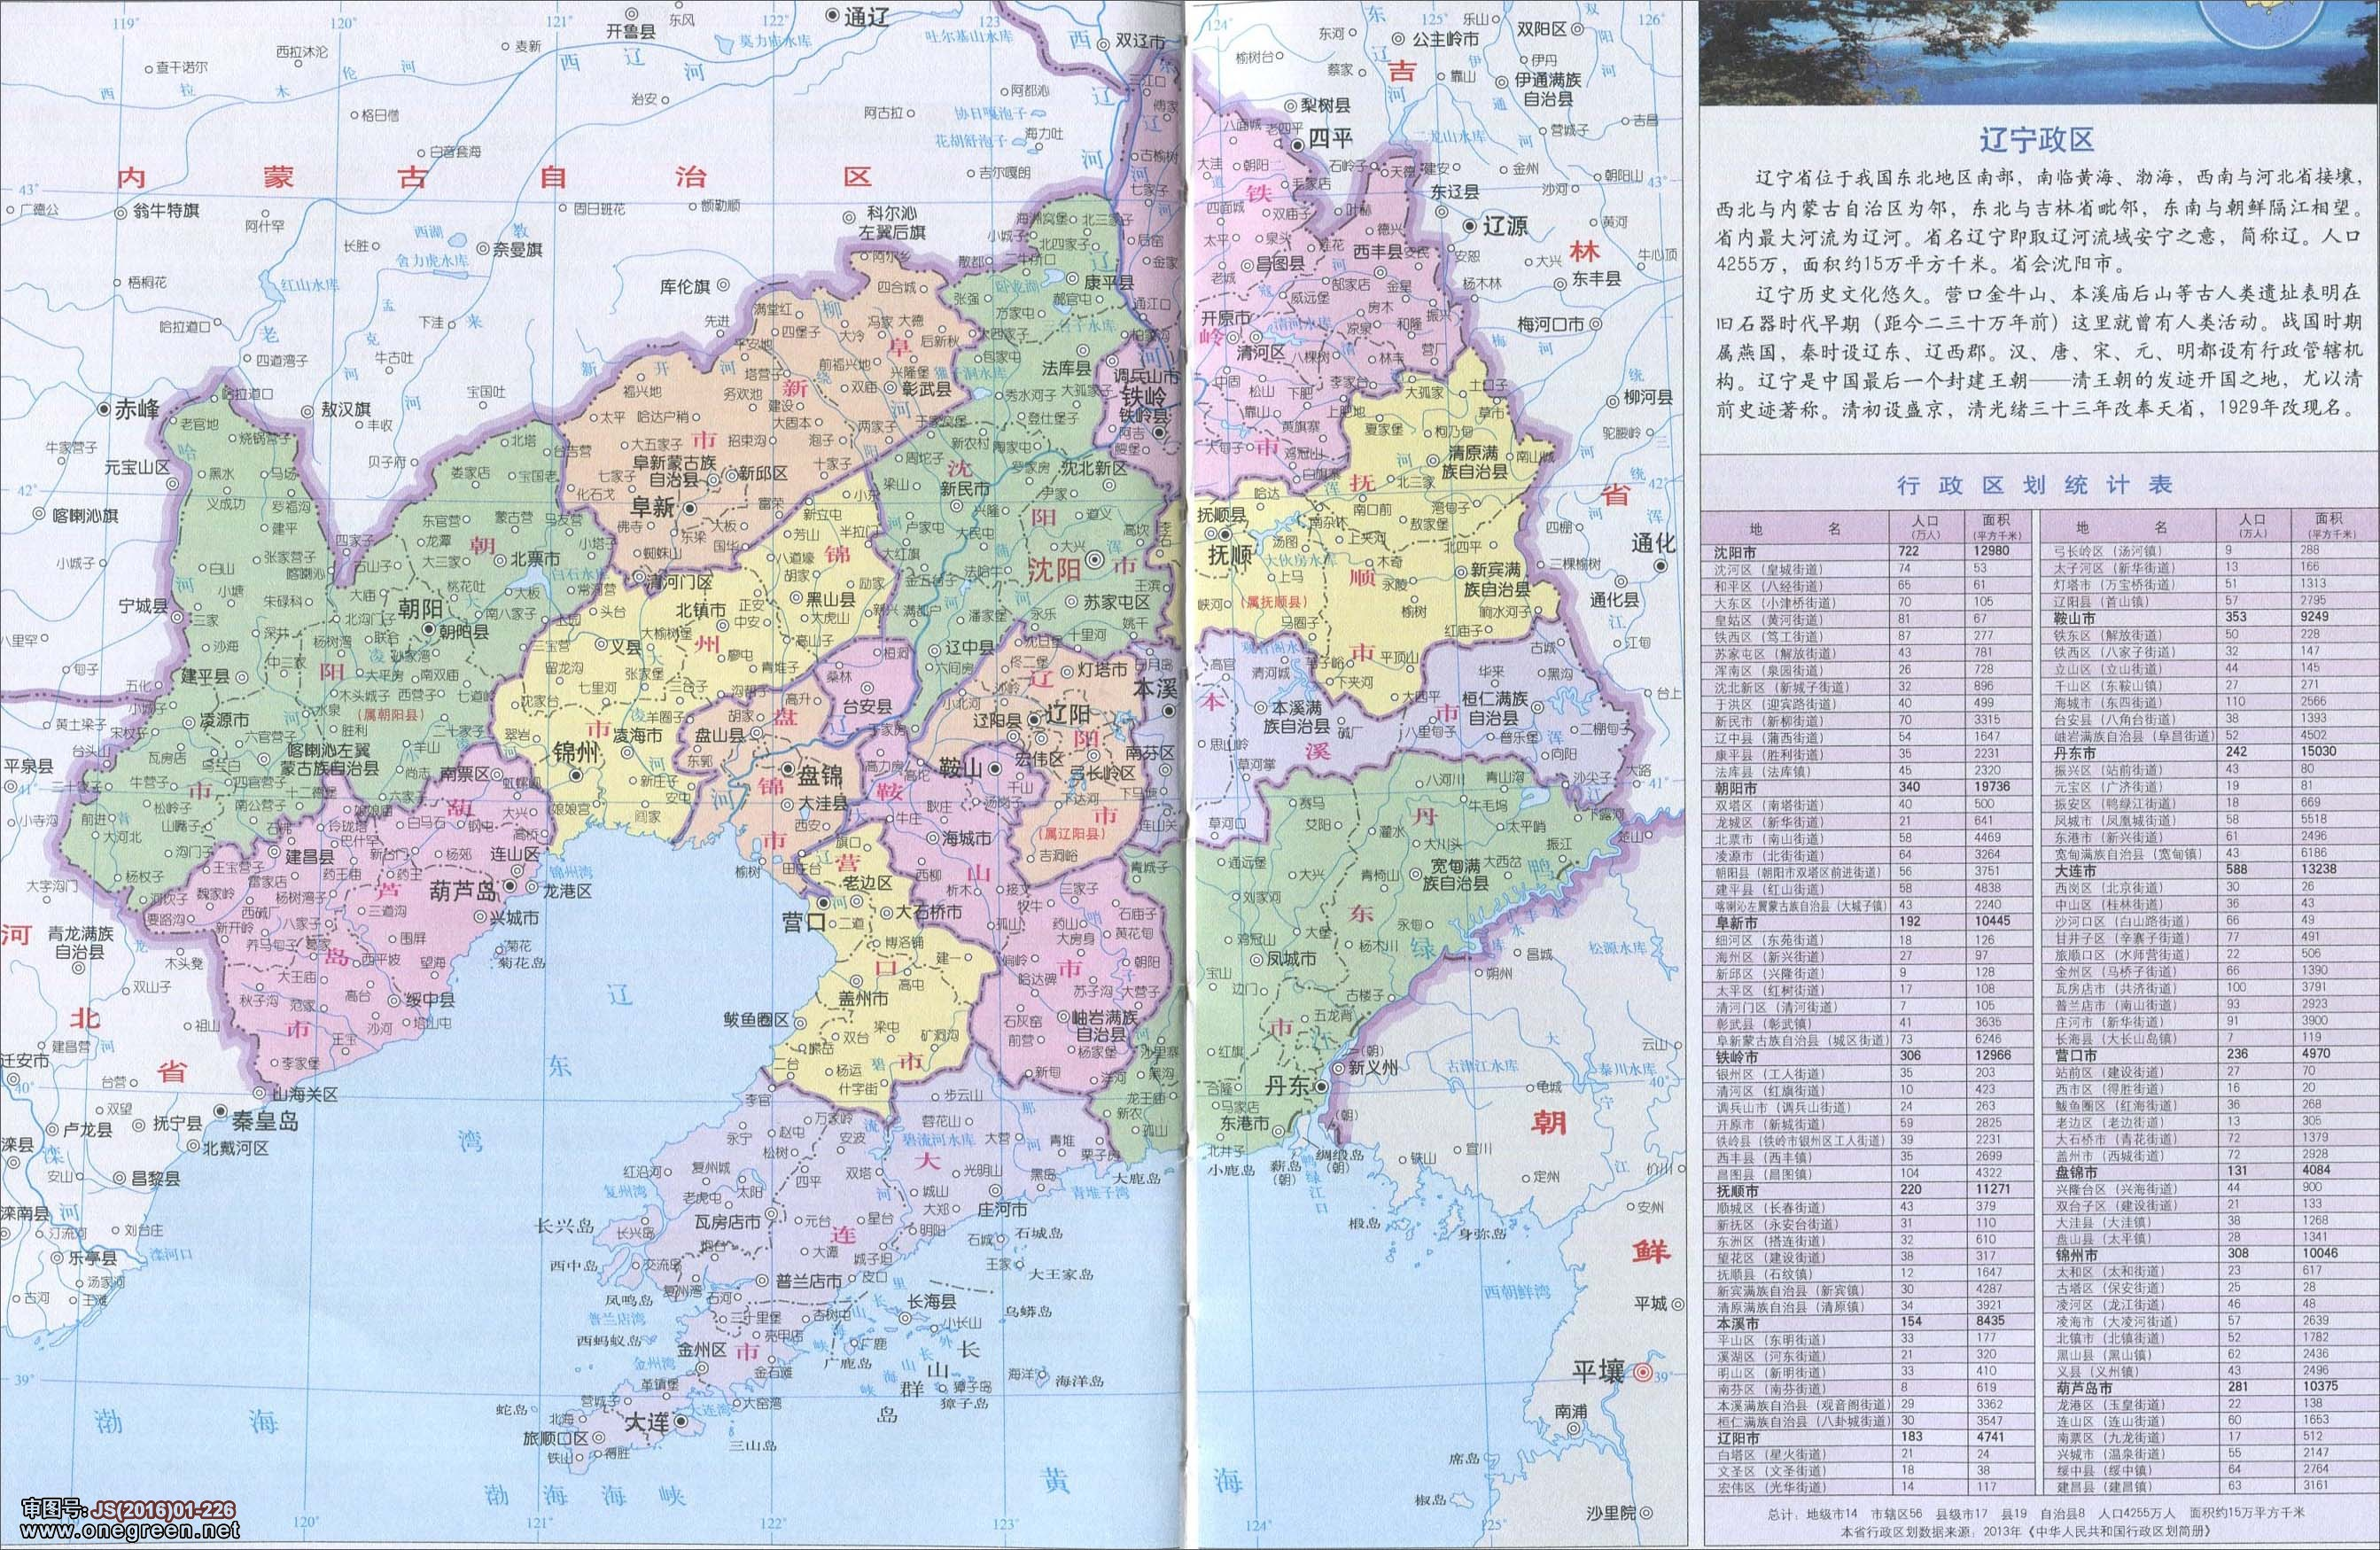 辽宁省地图高清版